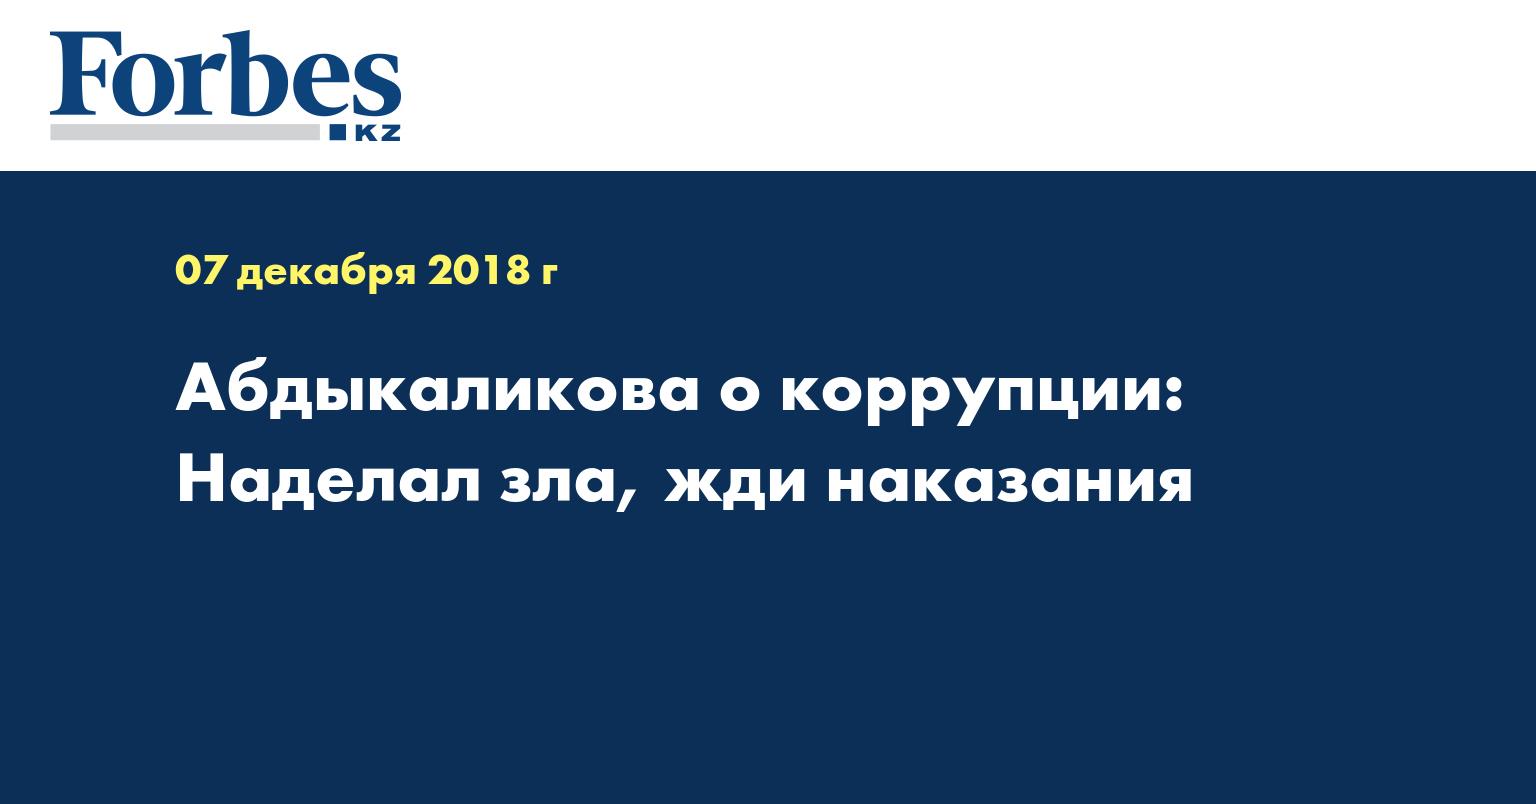 Абдыкаликова о коррупции: Наделал зла, жди наказания